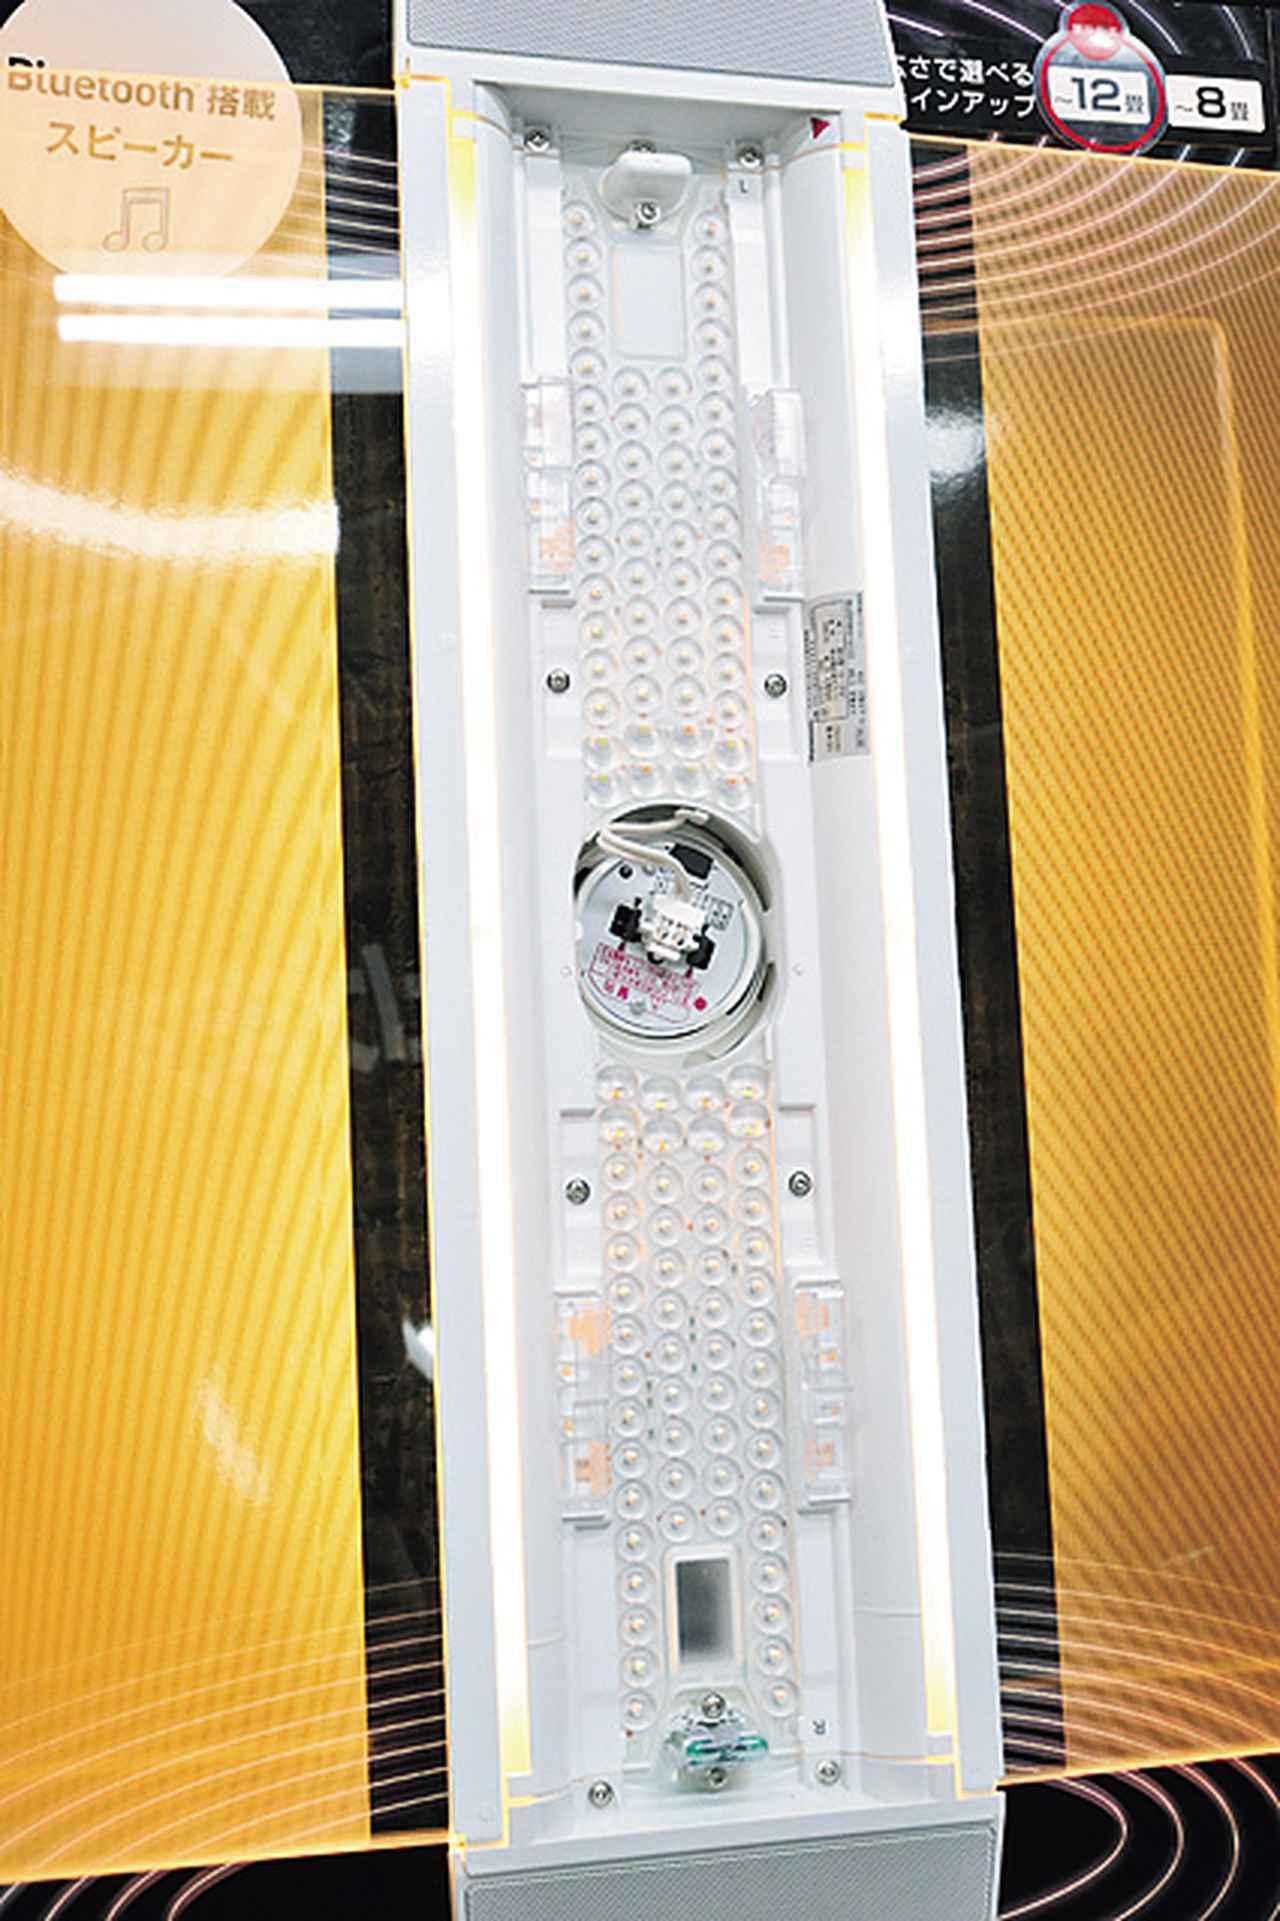 画像: センターのLED光は下方向に、パネル光は上下左右に拡散される。